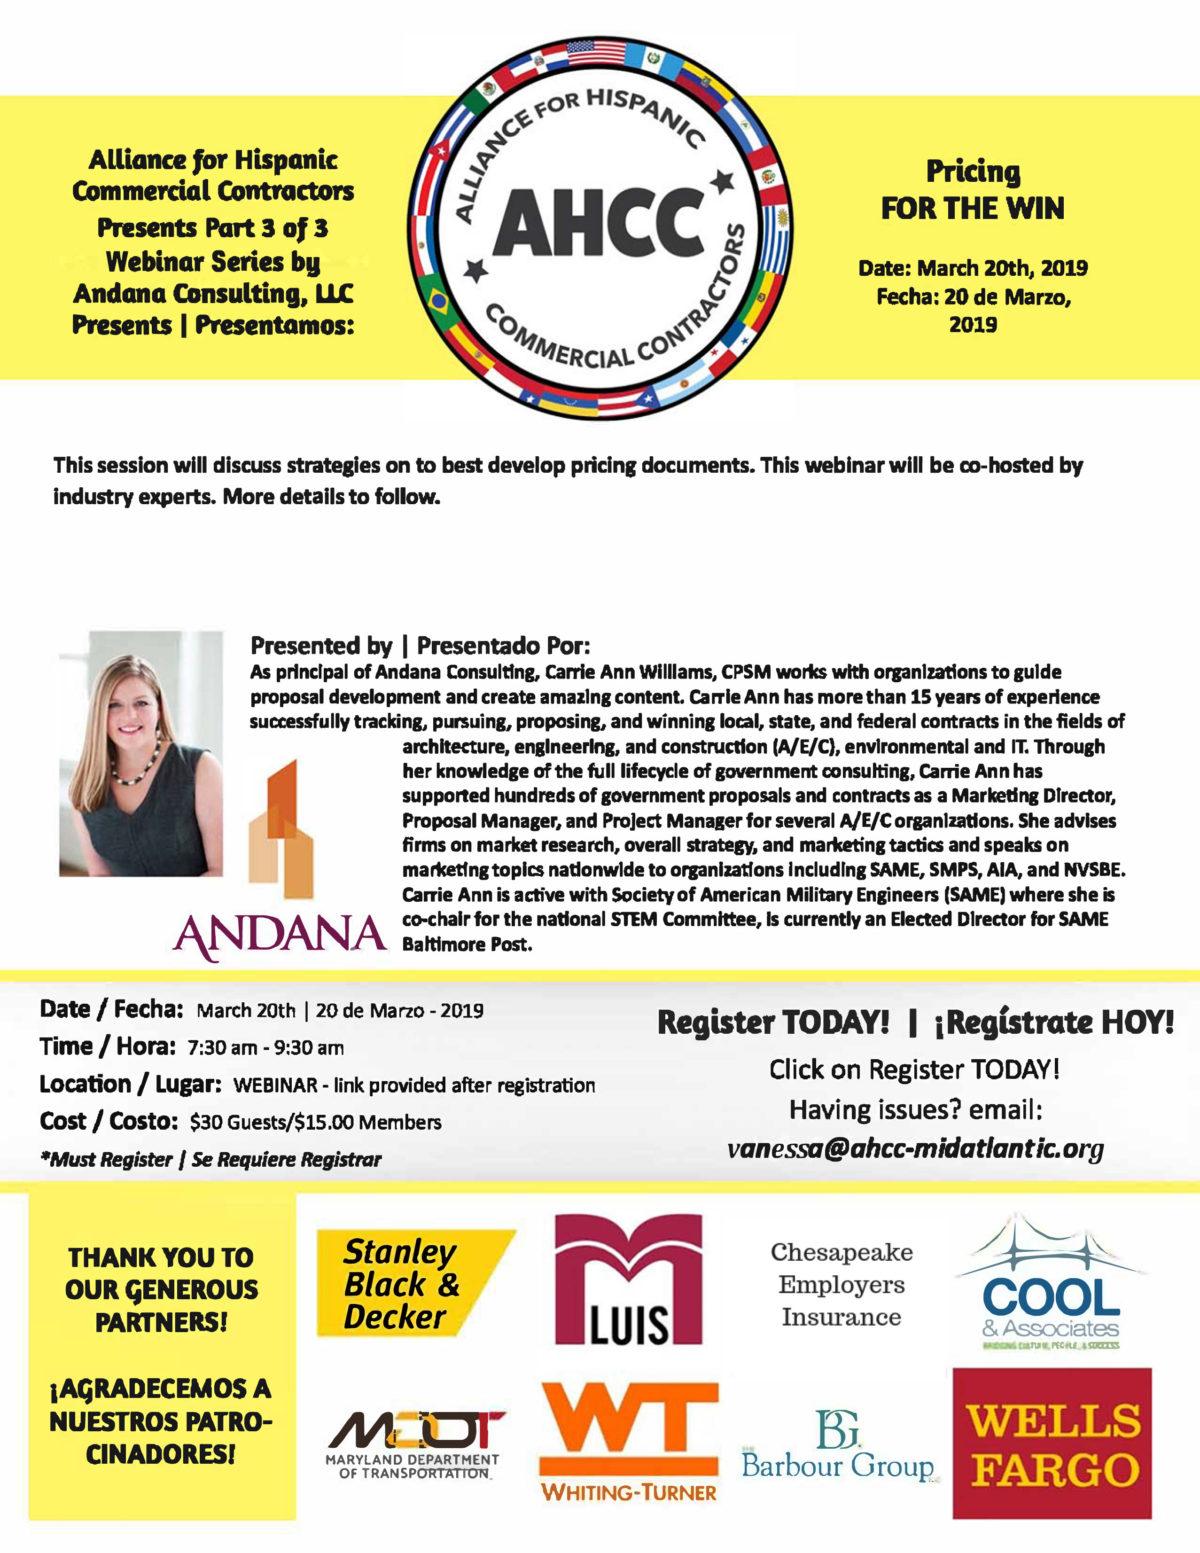 AHCC March 20 2019 Webinar